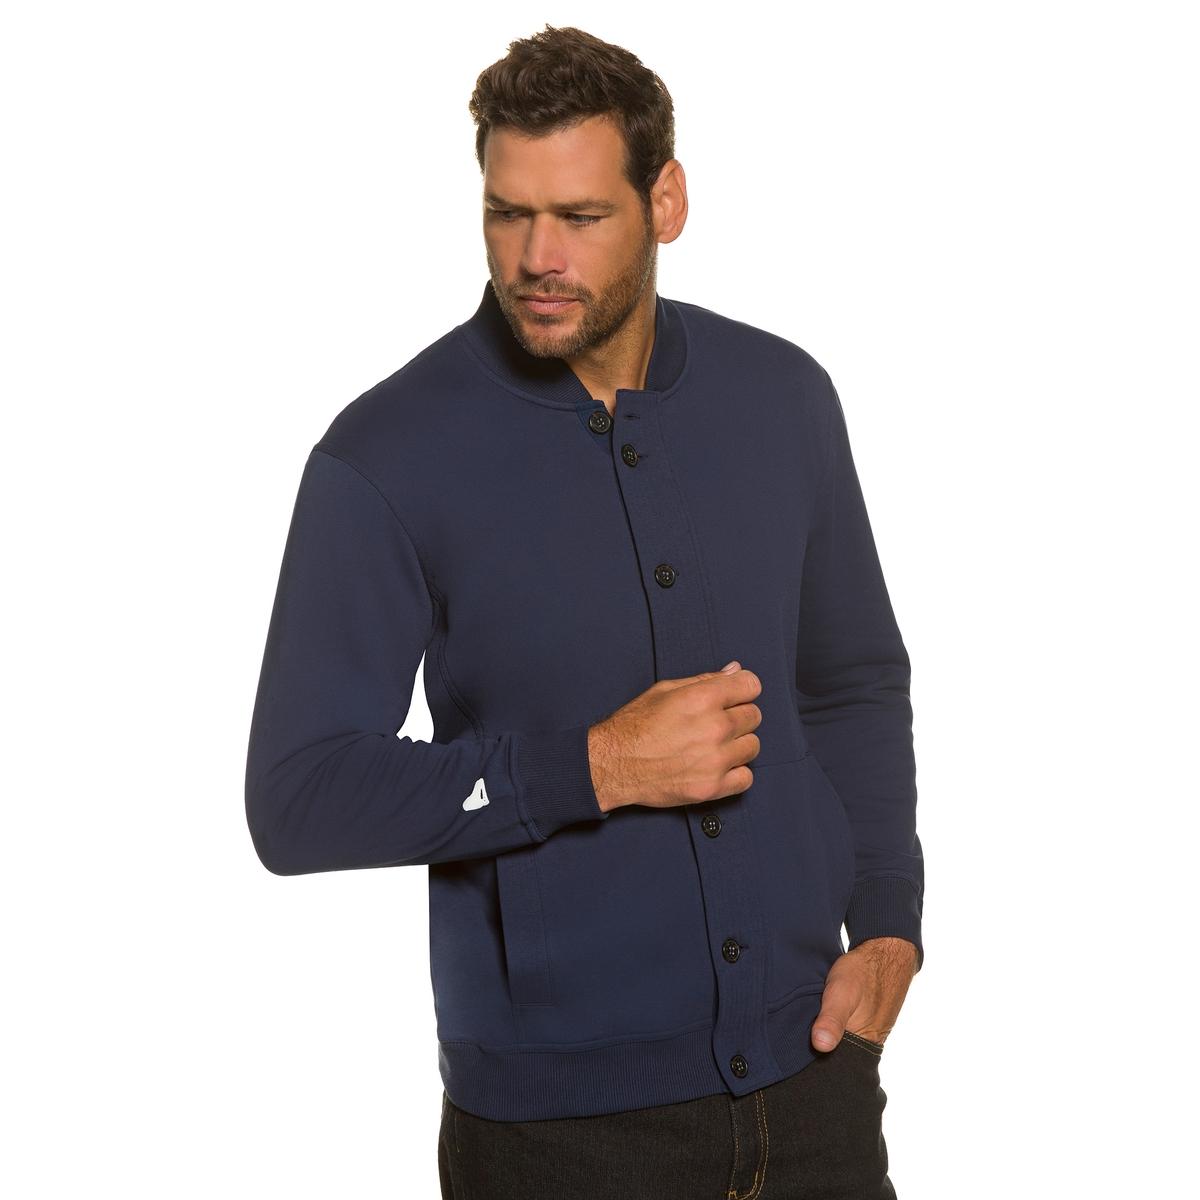 Куртка-свитшотКуртка свитшот JP1880. Видимая прострочка на воротнике. 2 кармана, рисунок ICEHOCKEY на правом рукаве. Отделка вязкой в рубчик. 100% хлопок. Длина в зависимости от размера 74-88 см.<br><br>Цвет: синий морской<br>Размер: XL.3XL.XXL